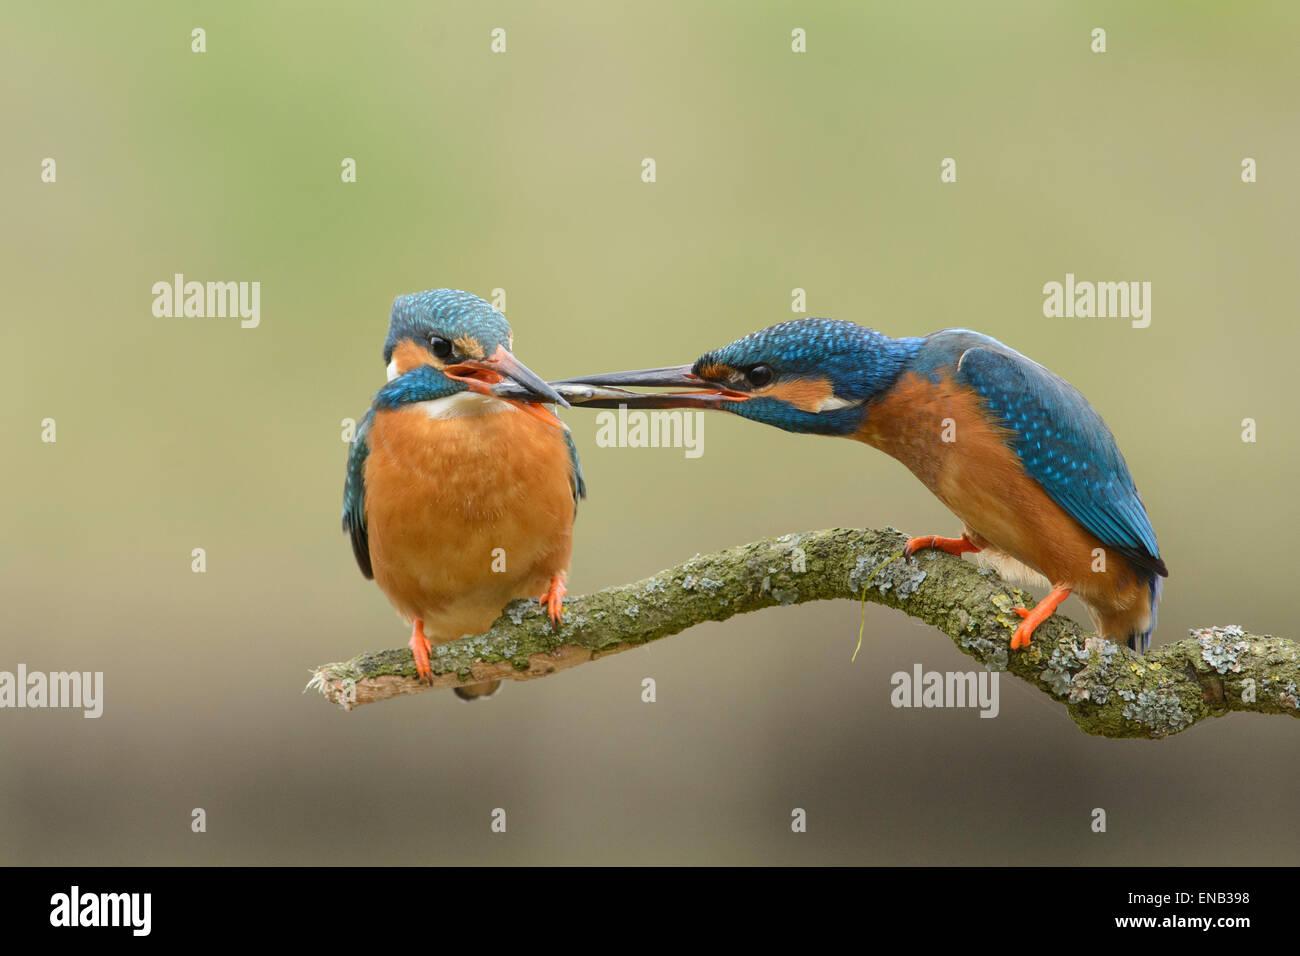 Balzverhalten von ein paar Eisvögel. Das Männchen bietet ein Fisch sein Weibchen. Stockbild